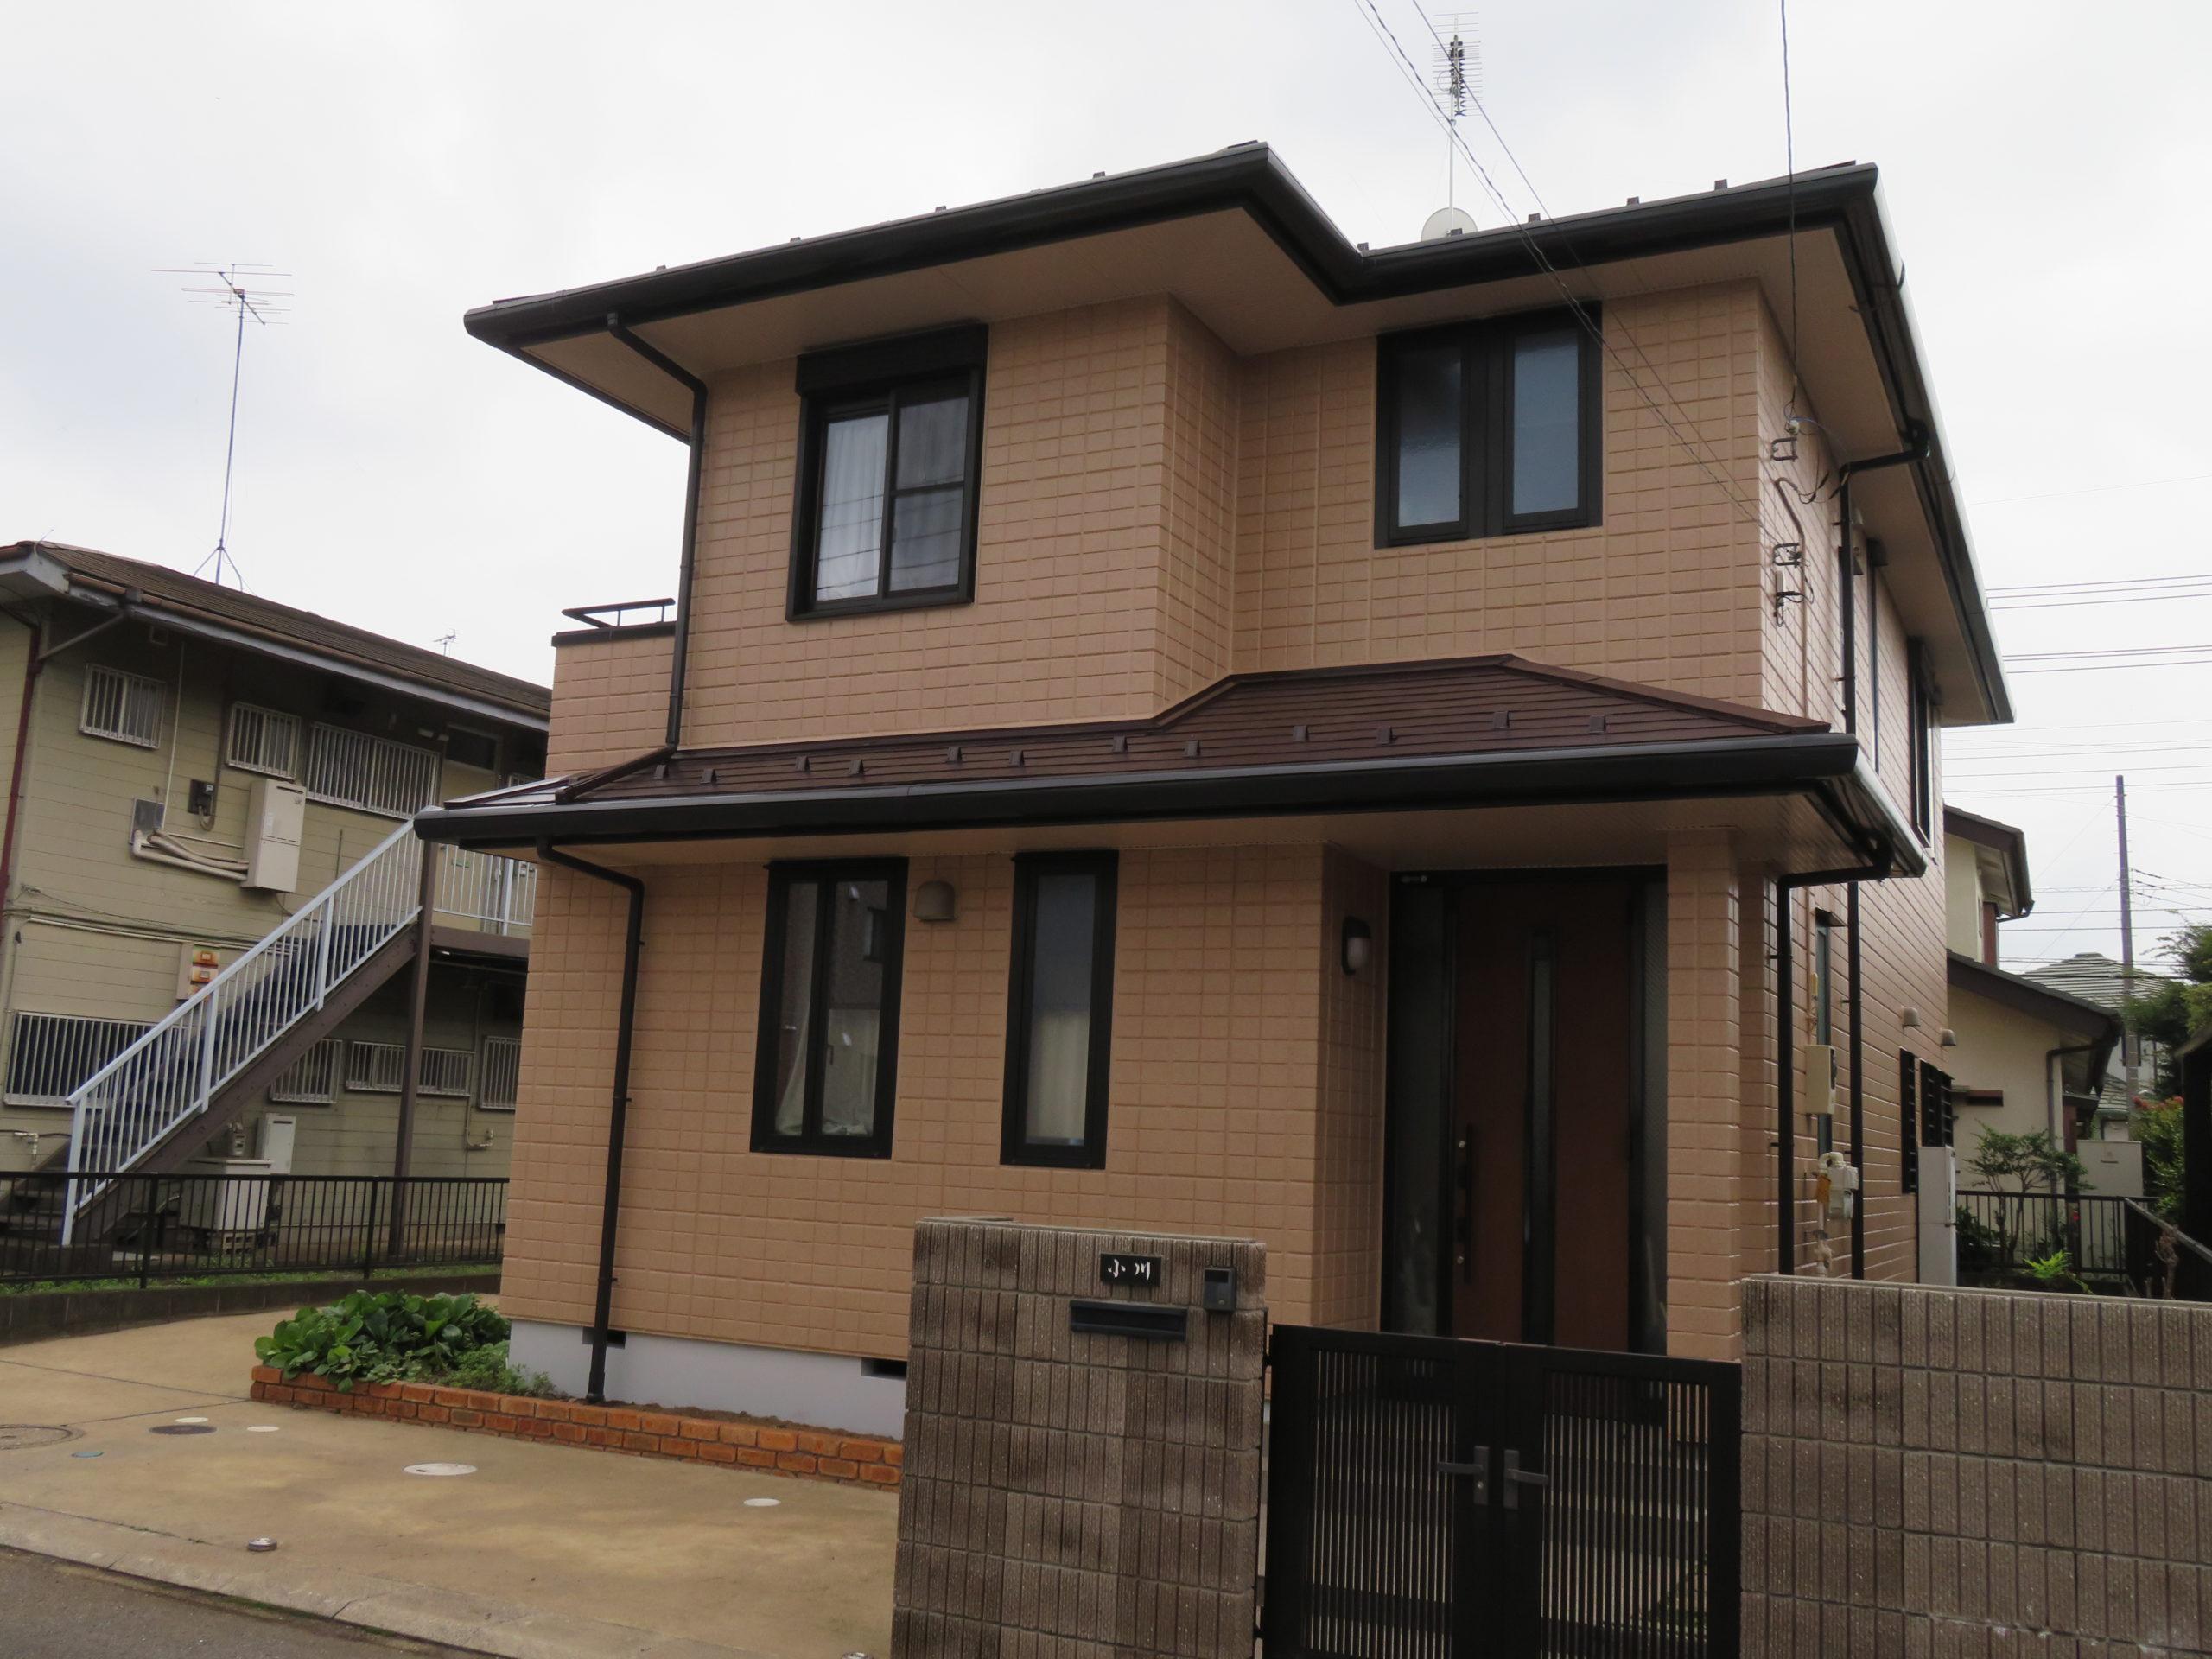 茨城県牛久市外壁・屋根塗装専門店 ハウスメイク牛久 お客様どんどん増えてまーす。